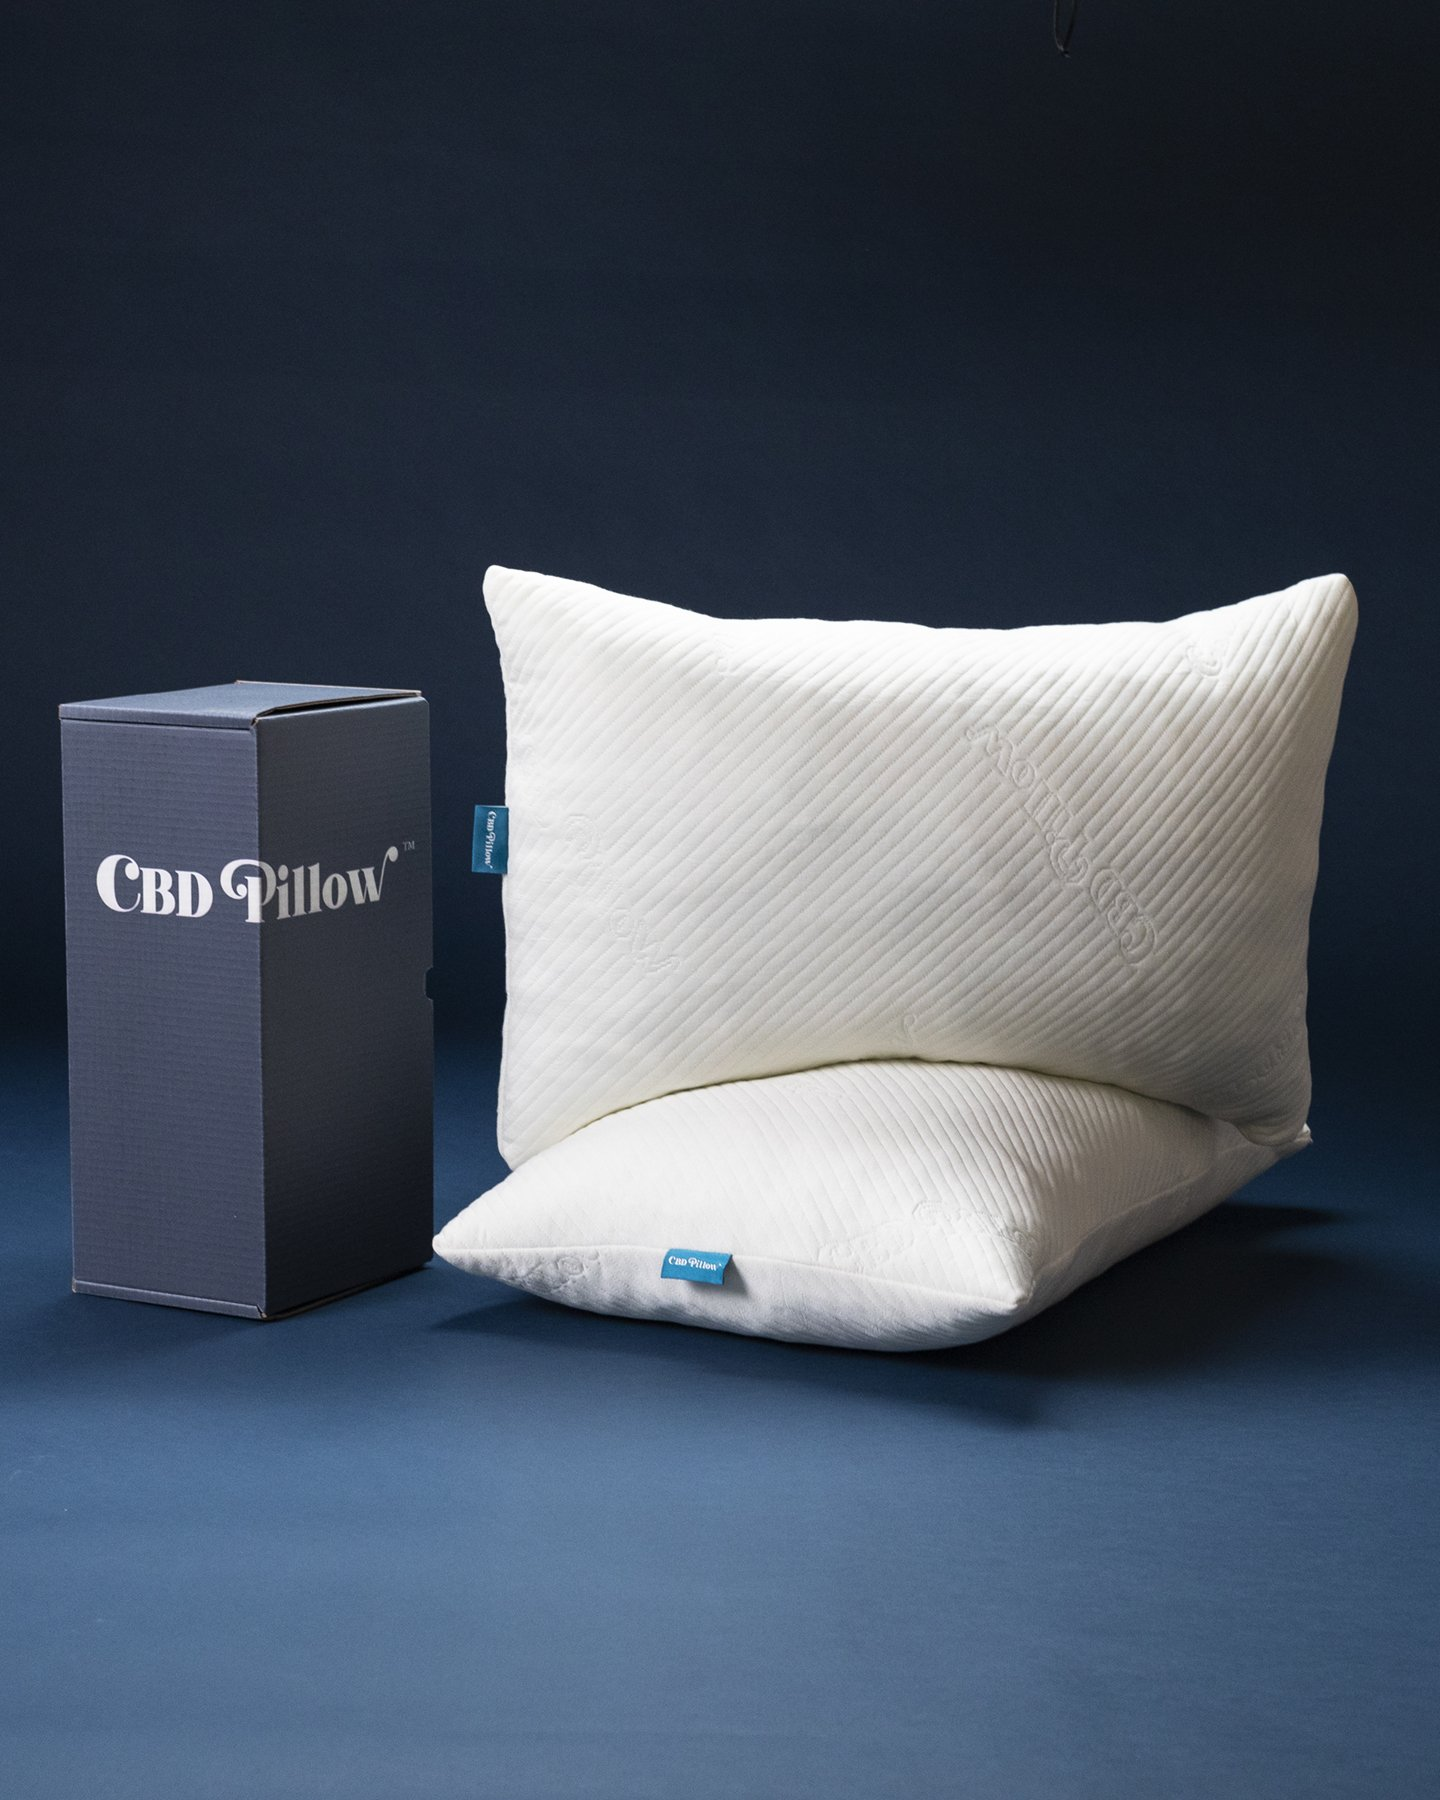 The CBD Pillow, $99 @cbdpillow.com